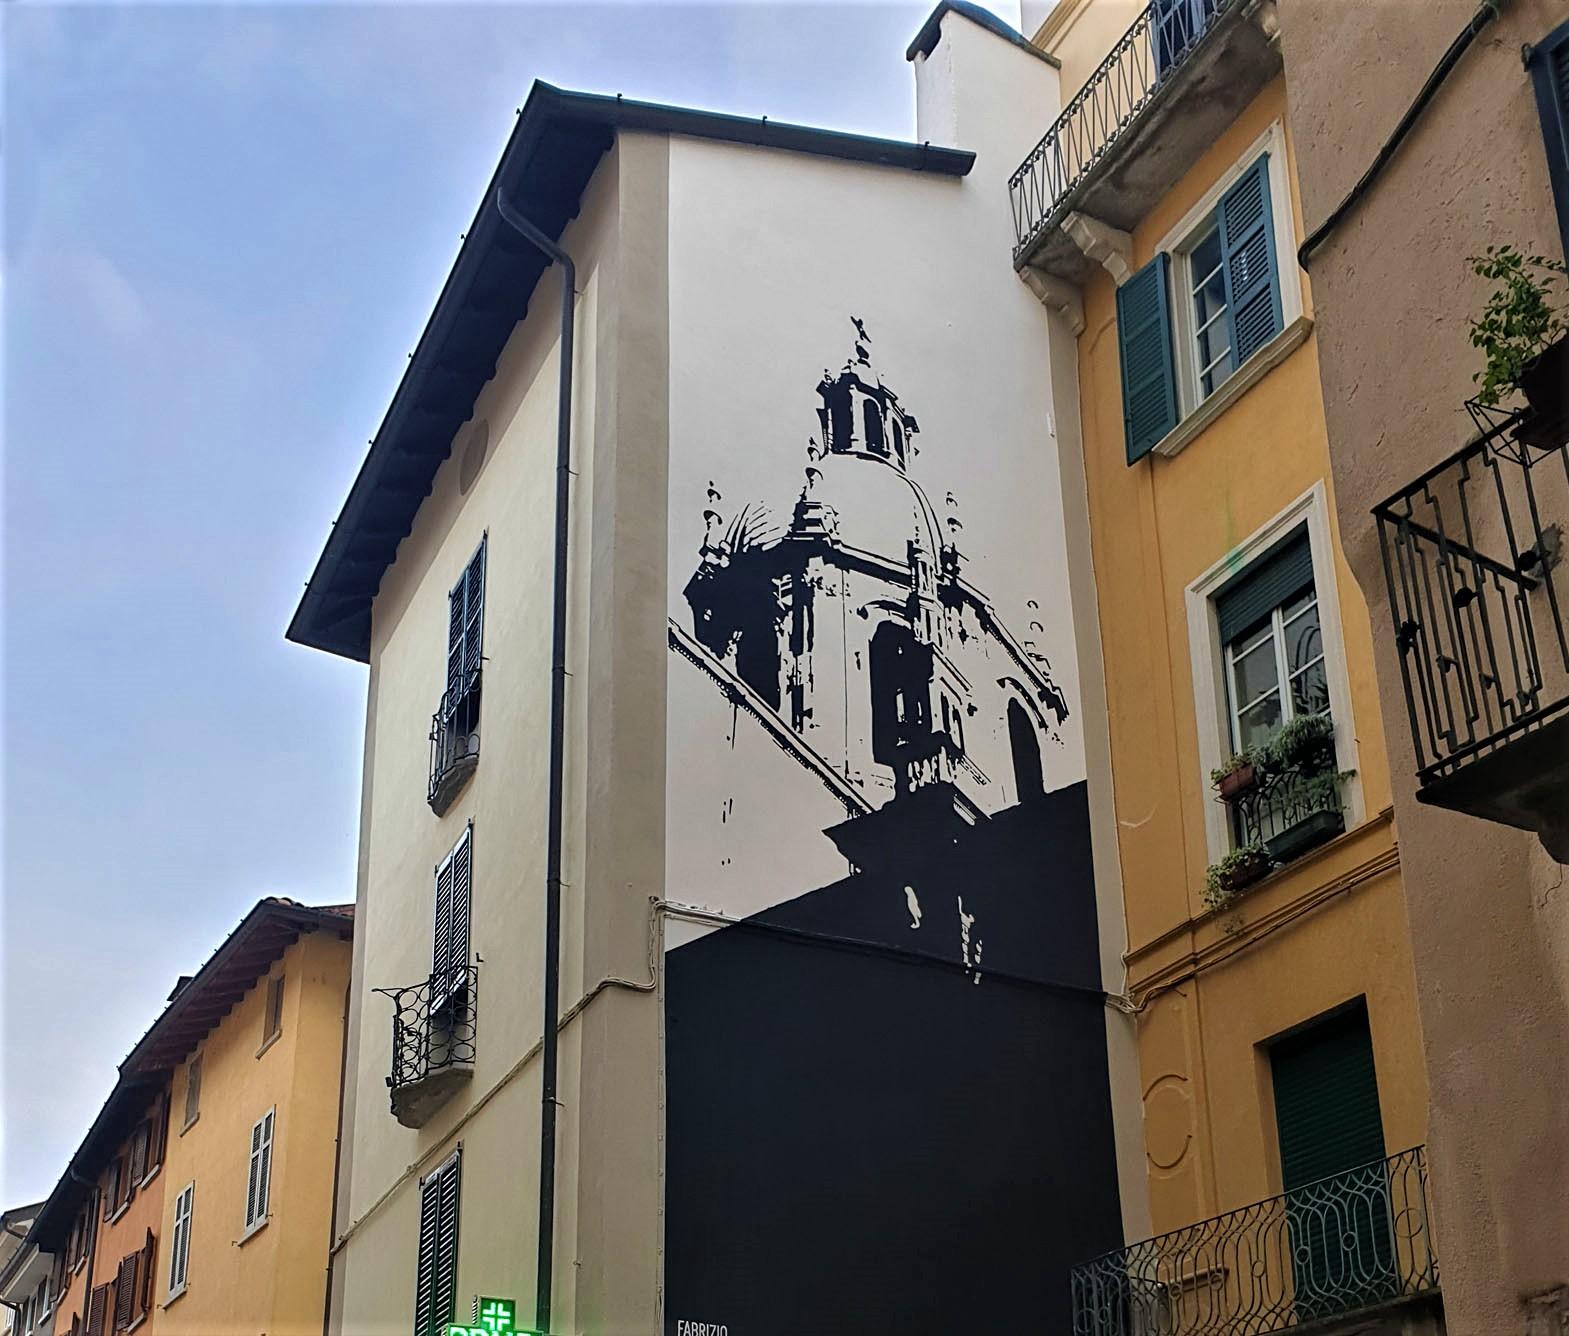 Guardare la cupola barocca del Duomo in uno specchio, che murales a Como!